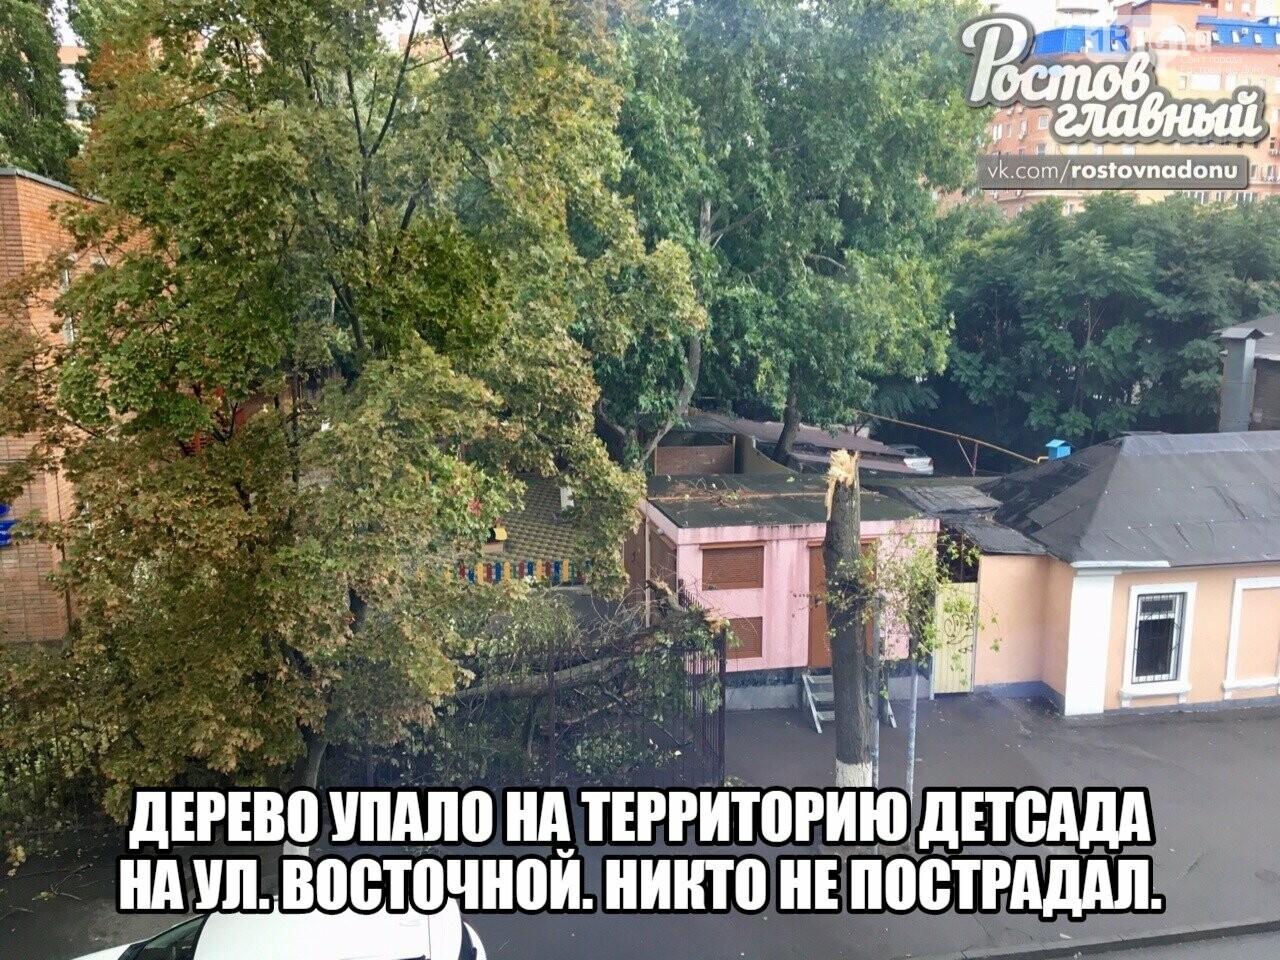 В Ростове ураганный ветер повалил десятки деревьев, фото-1